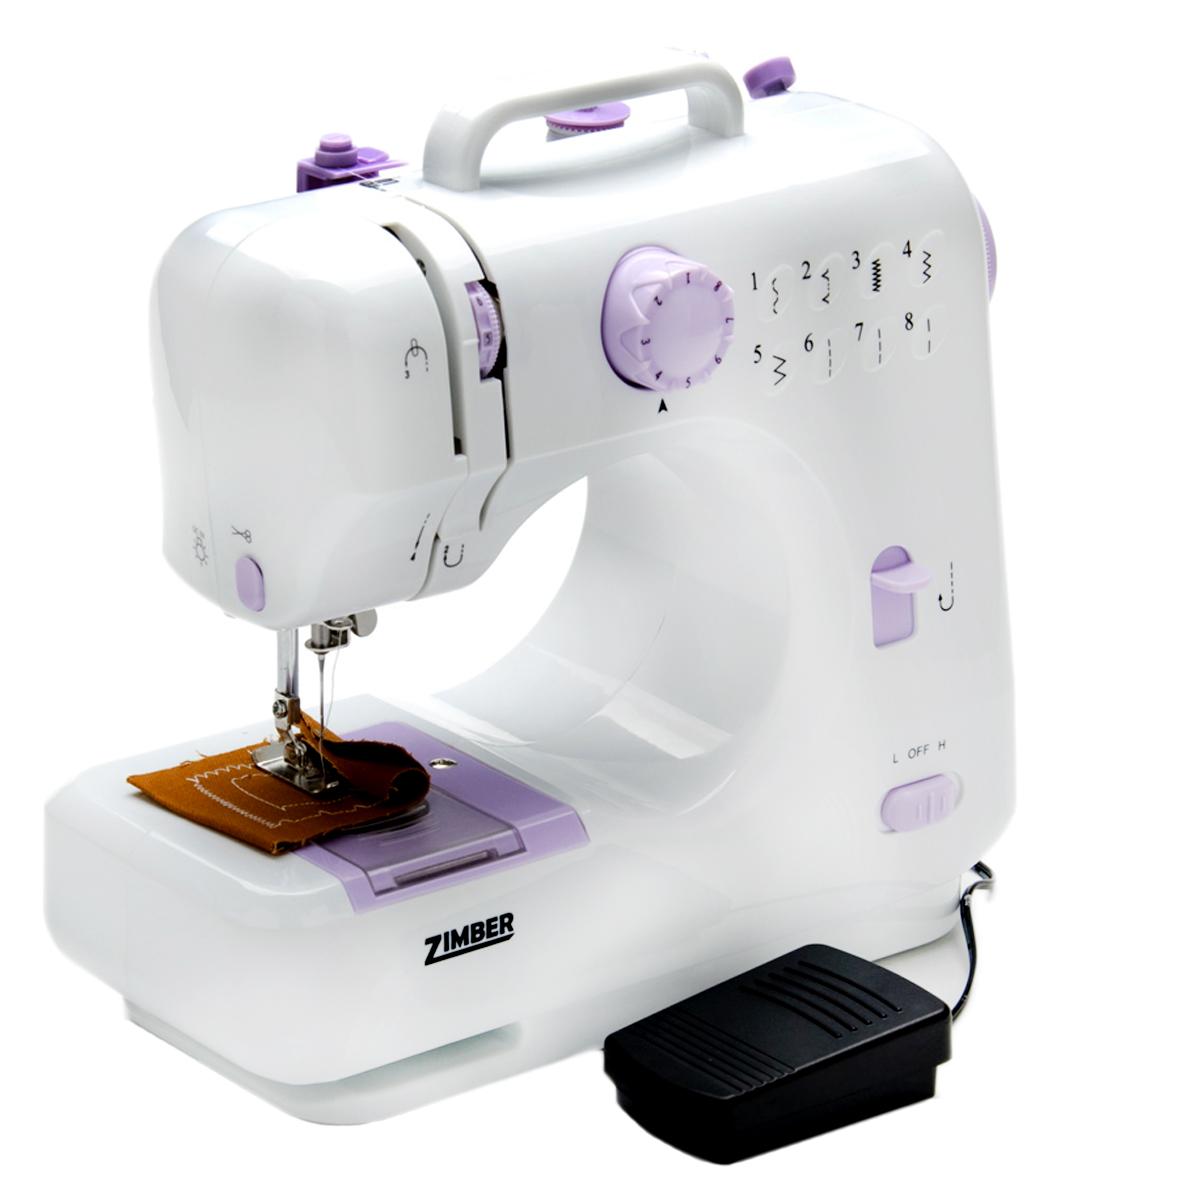 Zimber ZM-10935 швейная машинкаZM-10935Zimber ZM-10935 - очень удобная в использовании машинка имеющая в себе 8 различных видов стежка, которые указаны на диаграмме. Модель работает со всеми видами тканей, в том числе джинсы и кожа. Швейные машины серии Zimber компактны и просты в использовании. Широкий выбор строчек «зиг-заг» позволяет обрабатывать трикотажные и прочие эластичные ткани. Швейная машина оснащена 2 скоростями, проста в использовании, имеет необходимый набор рабочих операций.